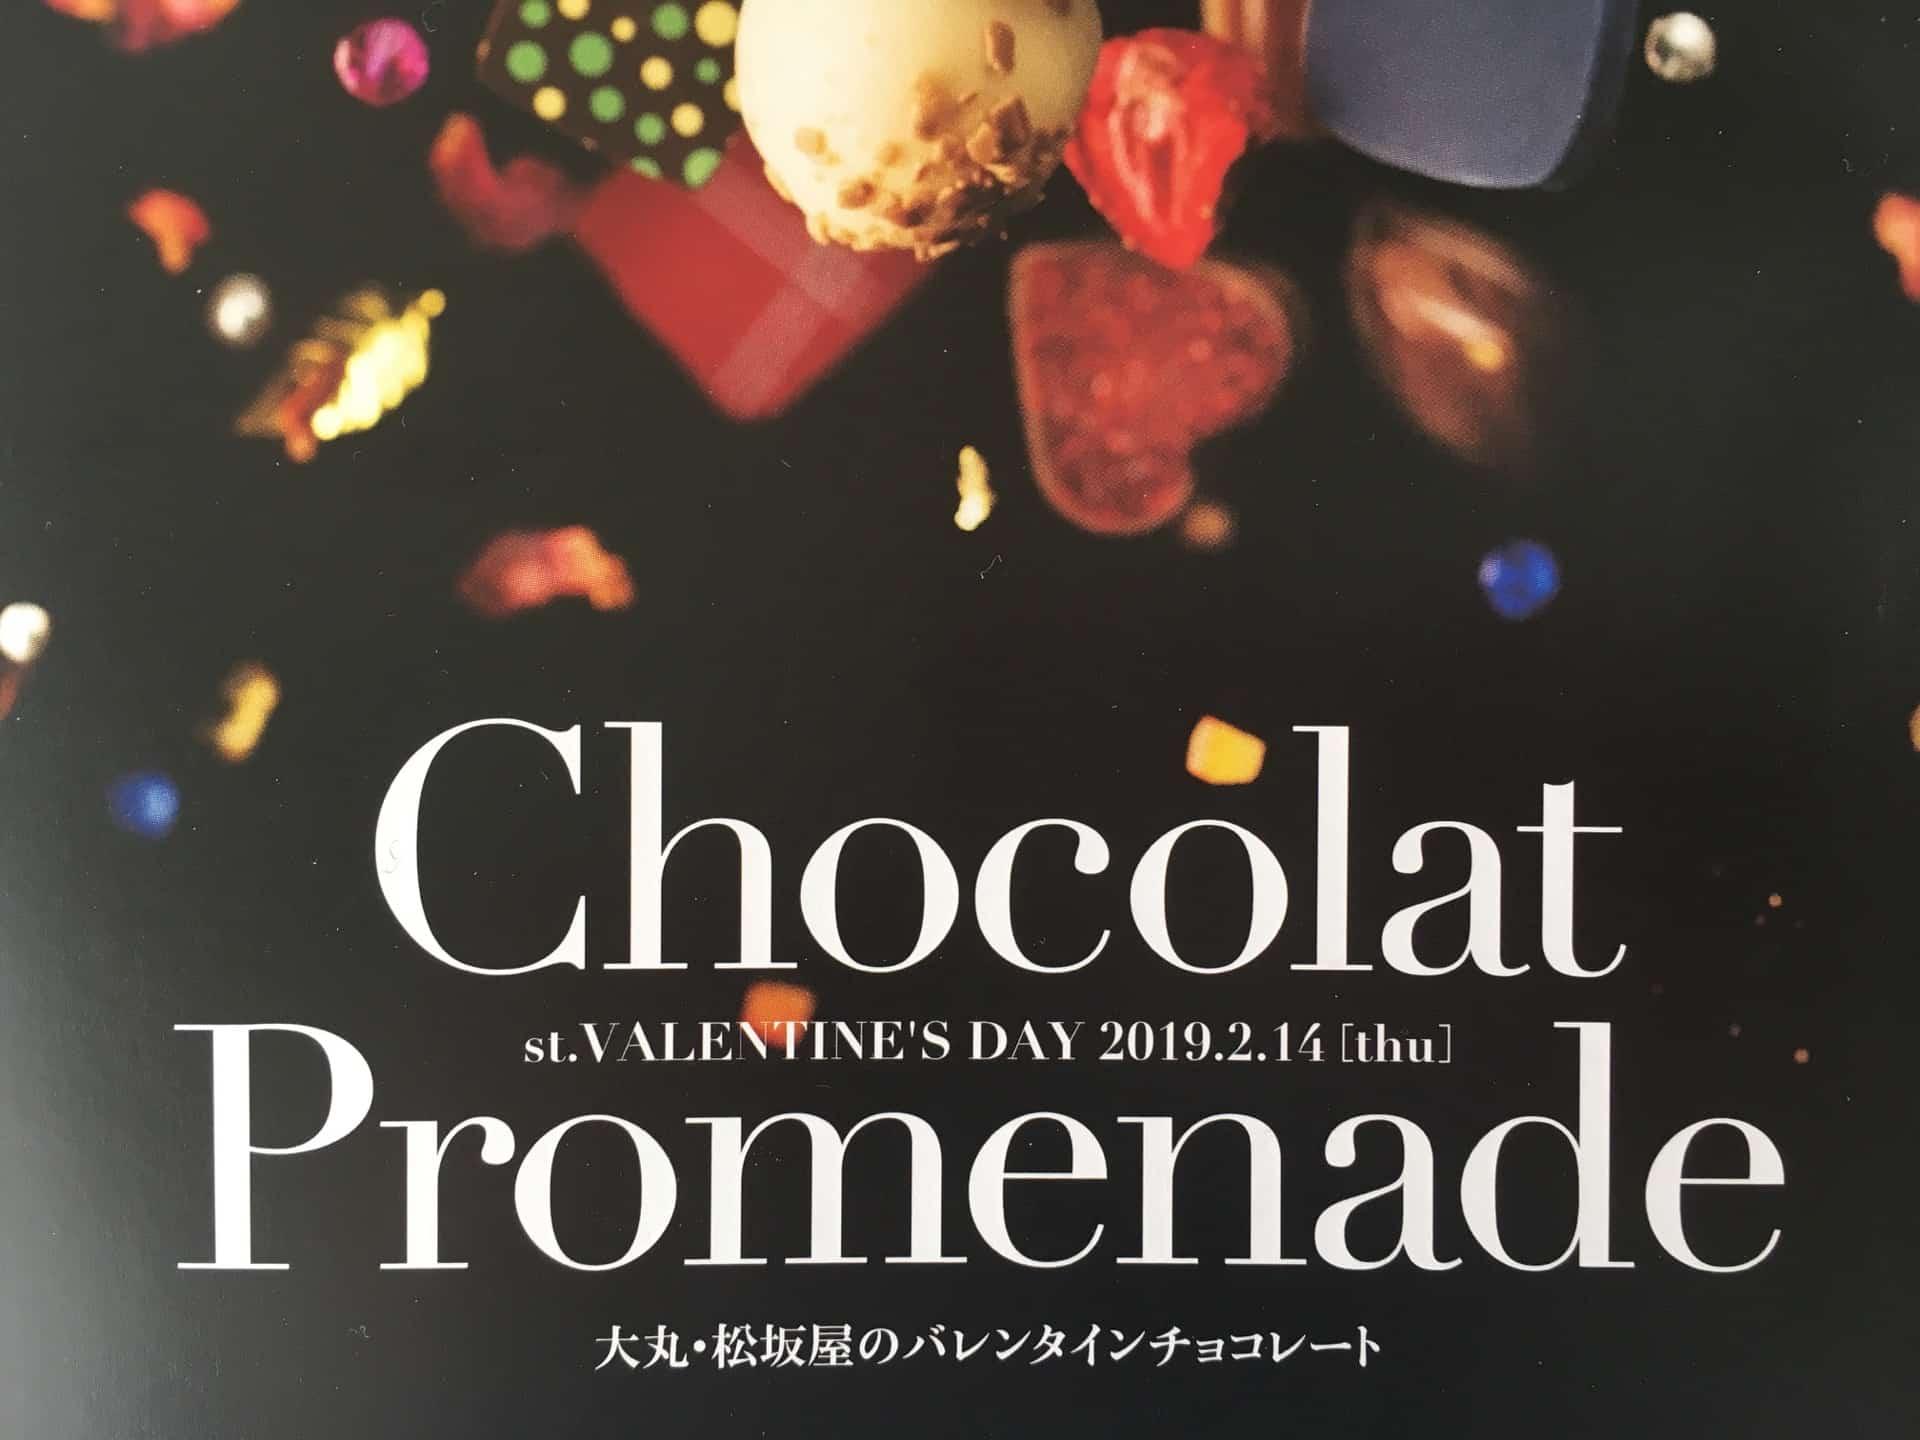 【2019年】大丸神戸店で「ショコラプロムナード」開催。バレンタインチョコが集結するイベント!